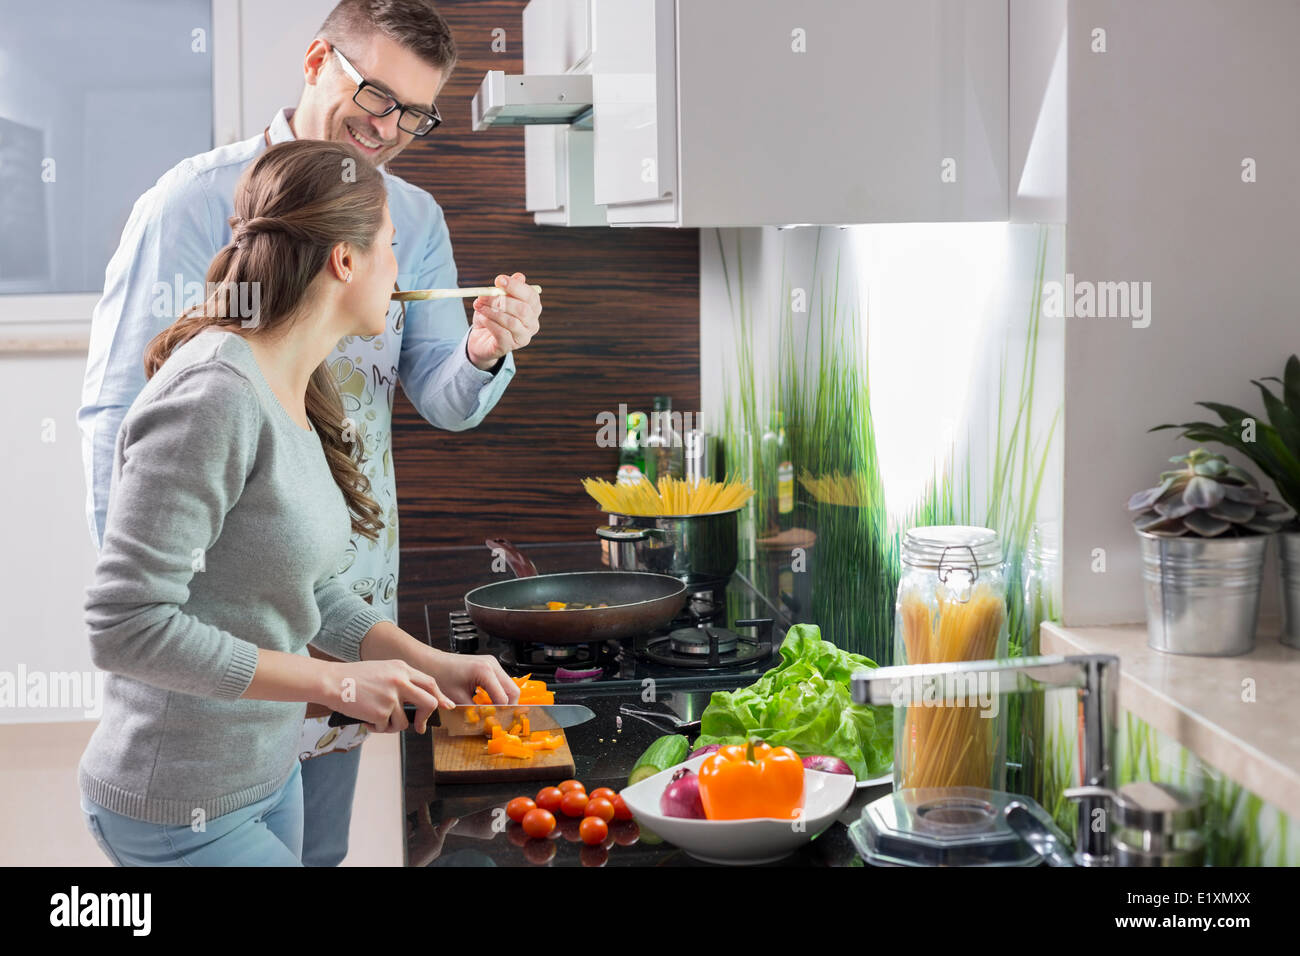 Glücklicher Mann, die Verfütterung von Nahrungsmitteln an Frau Schneiden von Gemüse in der Küche Stockbild